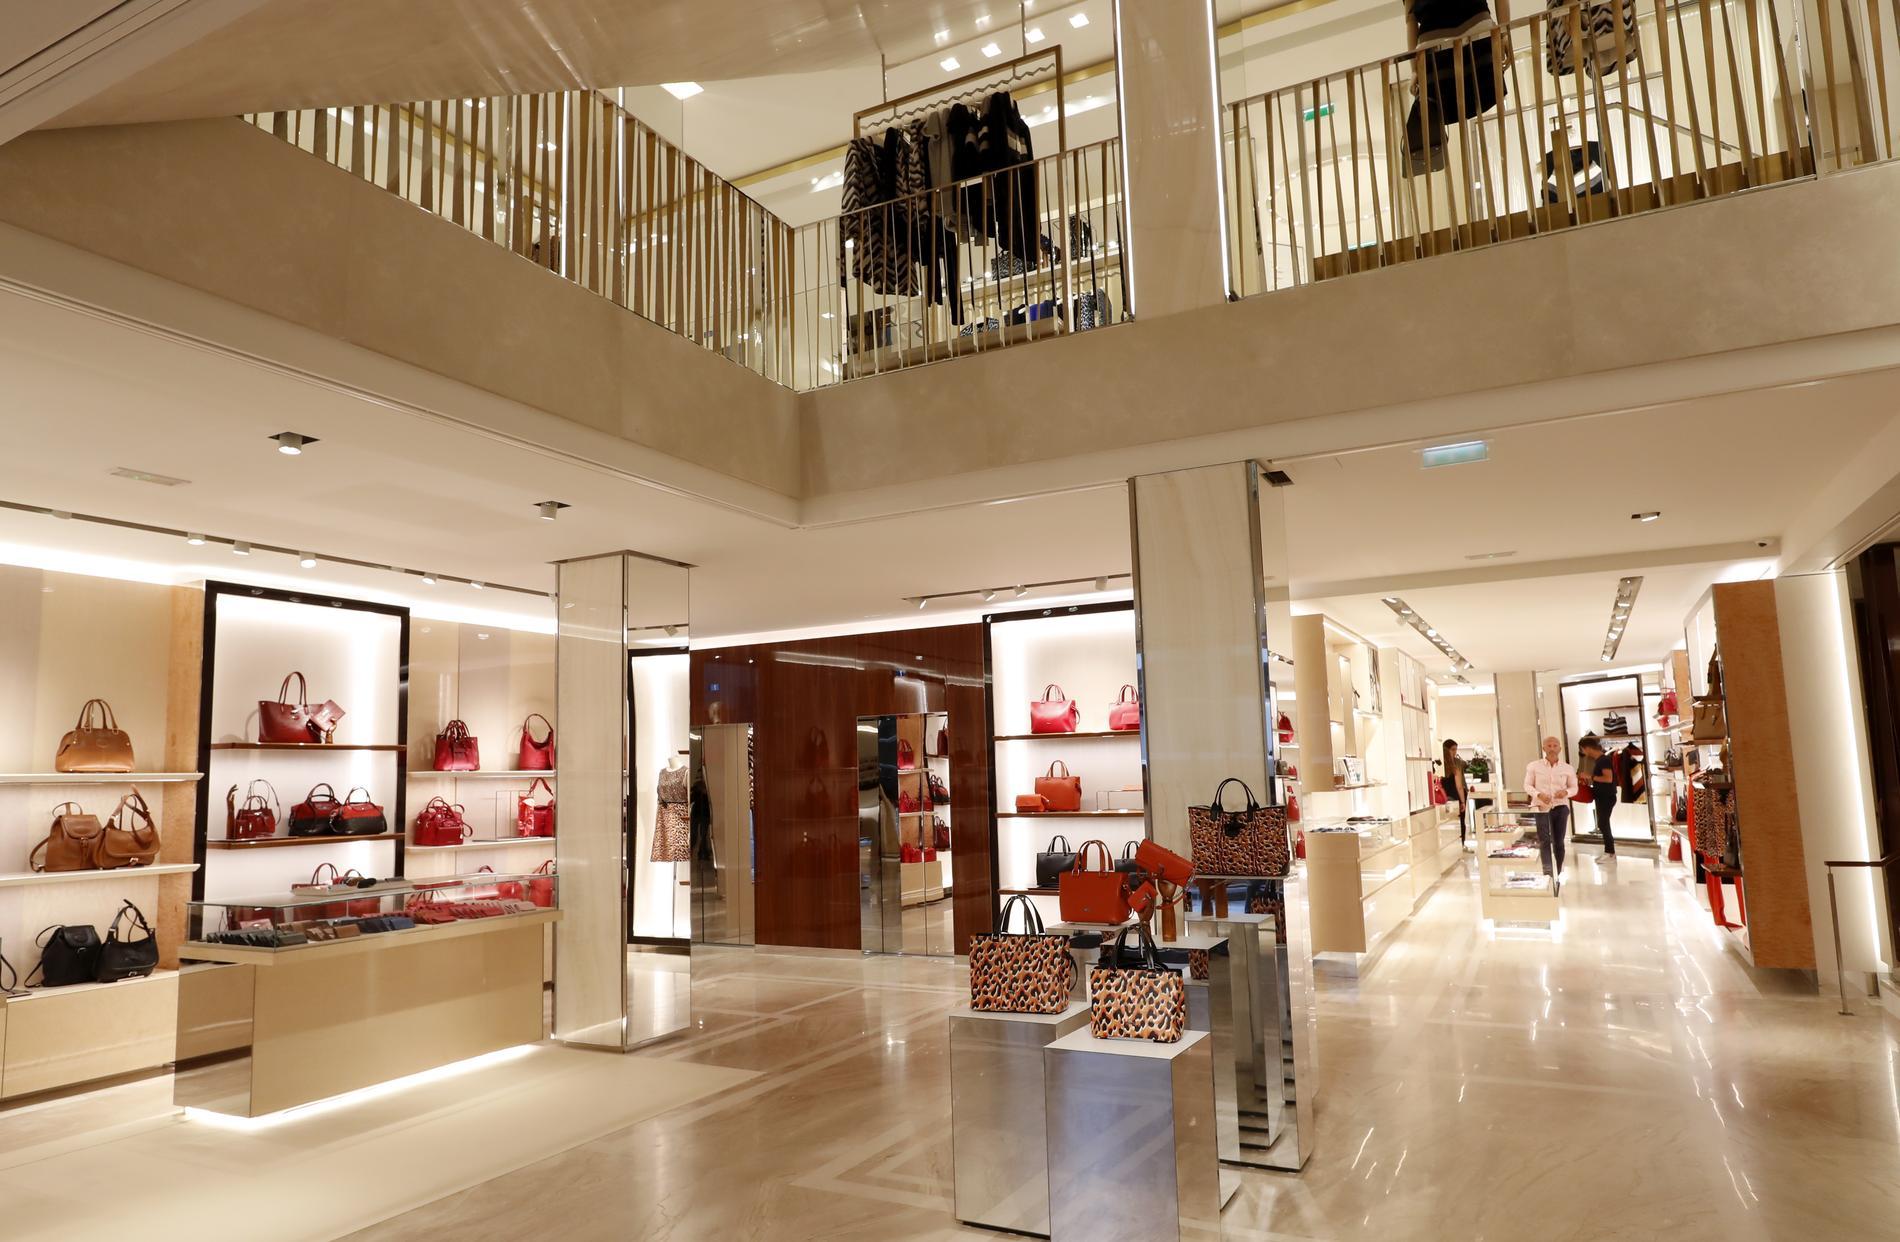 bcb71c275e3640 Longchamp rouvre sa boutique rue Saint-Honoré à Paris - Madame Figaro